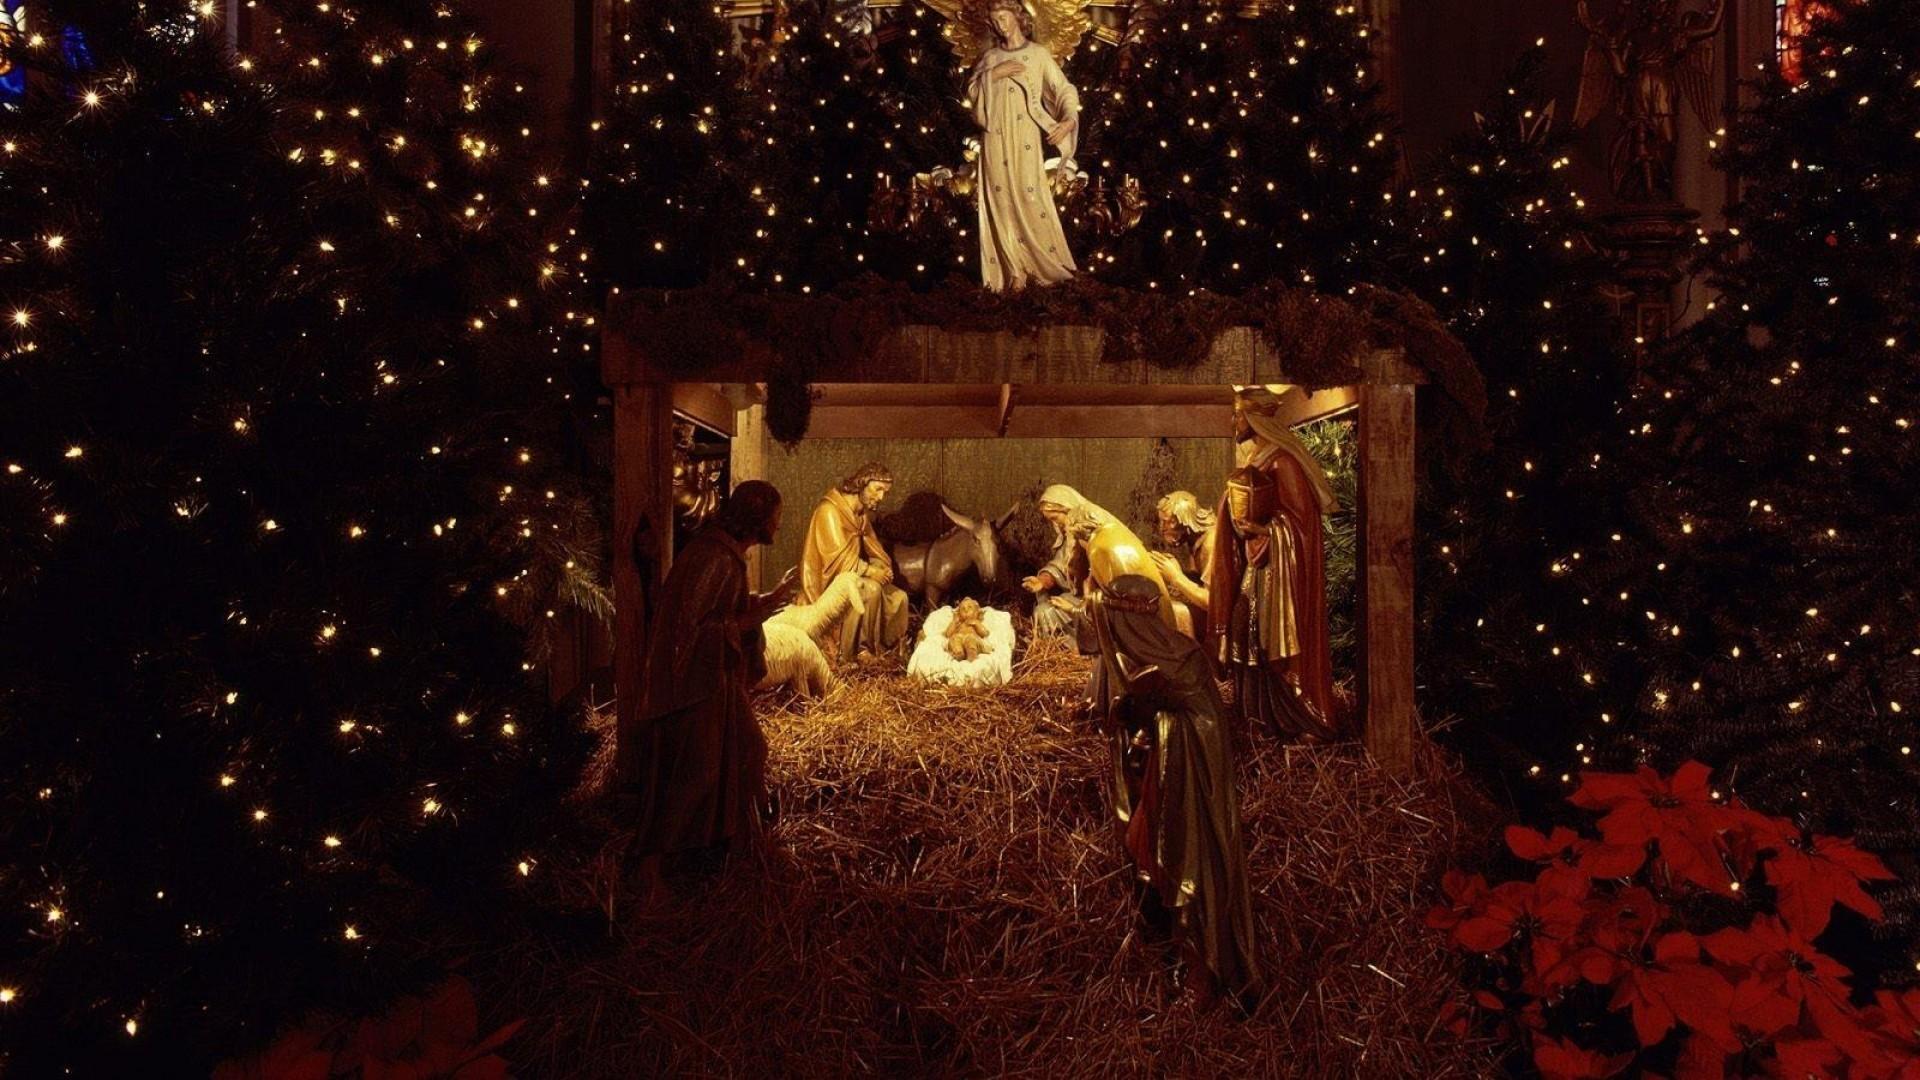 1920x1080, Religious Christmas Wallpaper - Religious Christmas Wallpaper Desktop - HD Wallpaper